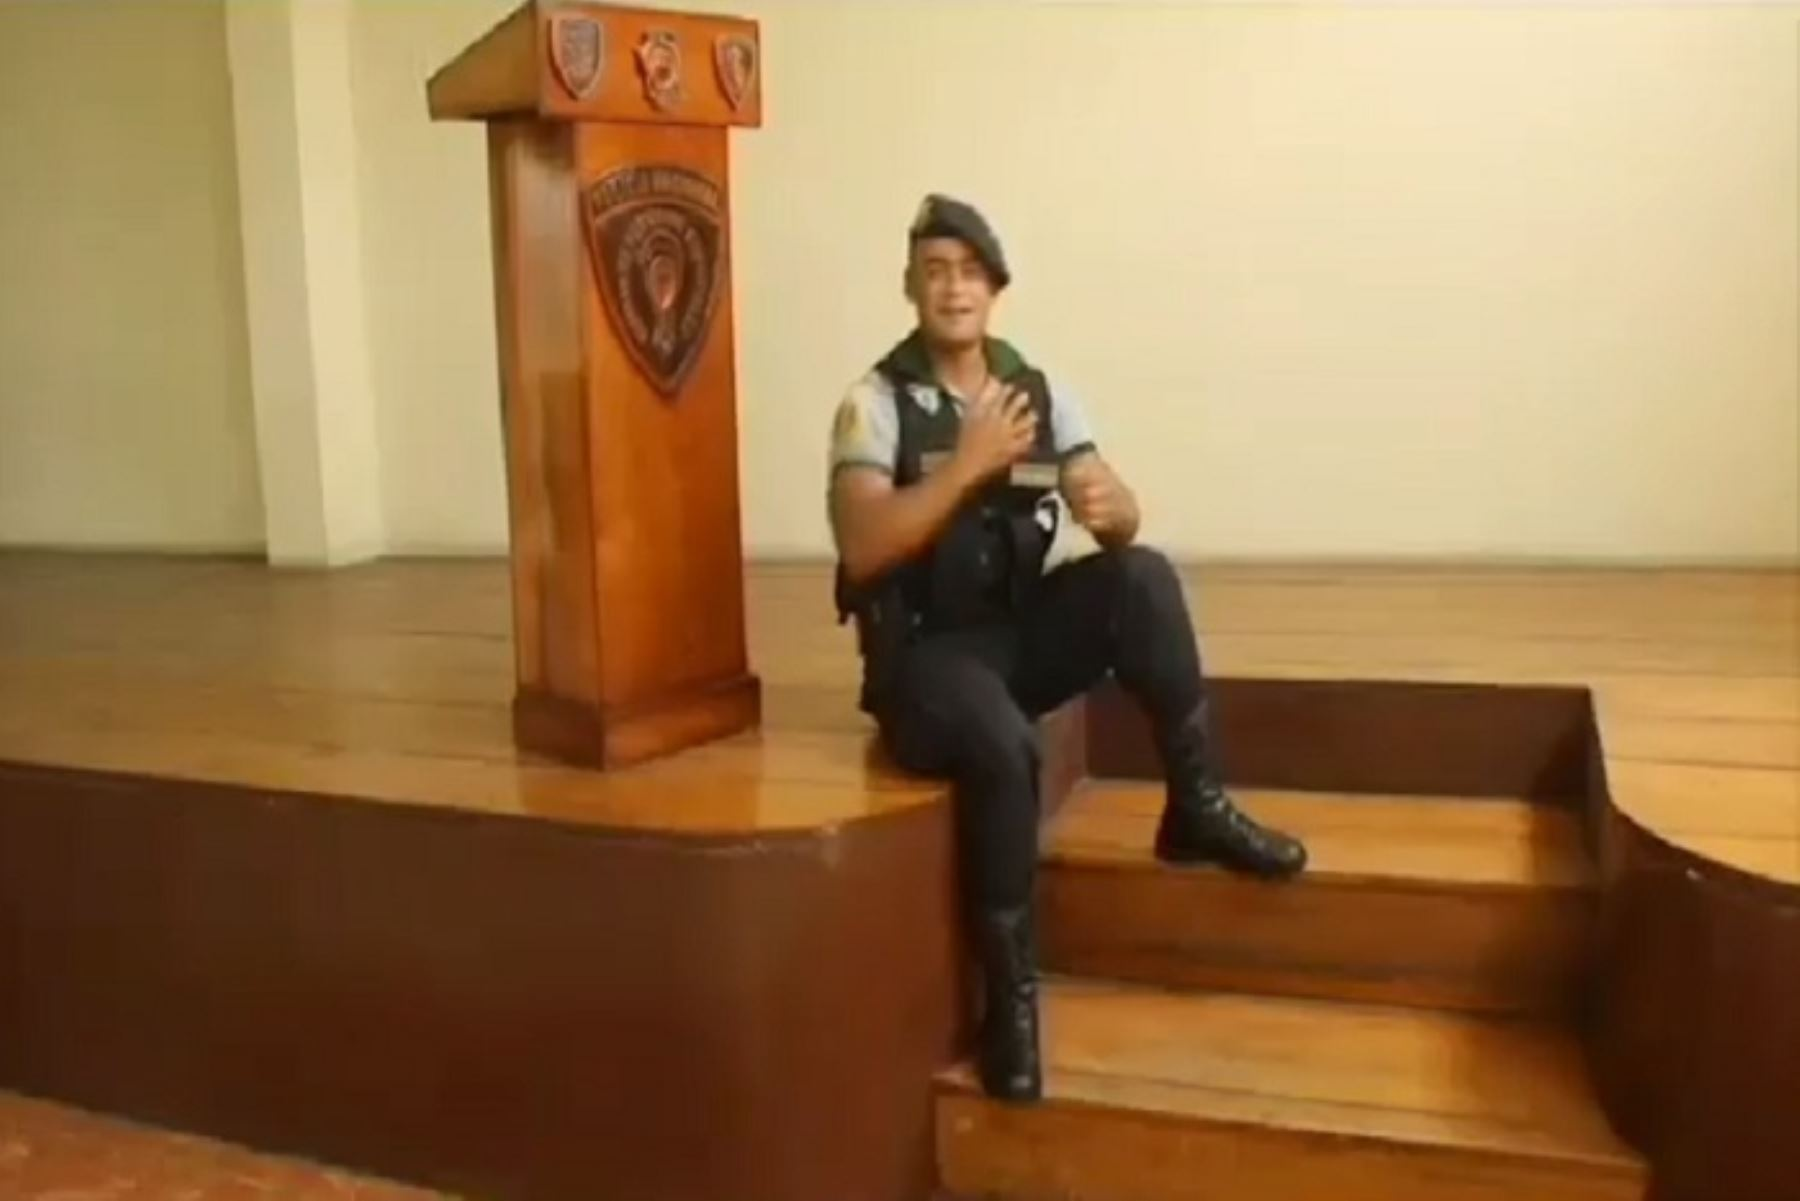 Estado de emergencia: Policía graba canción para pedir a trujillanos quedarse en casa